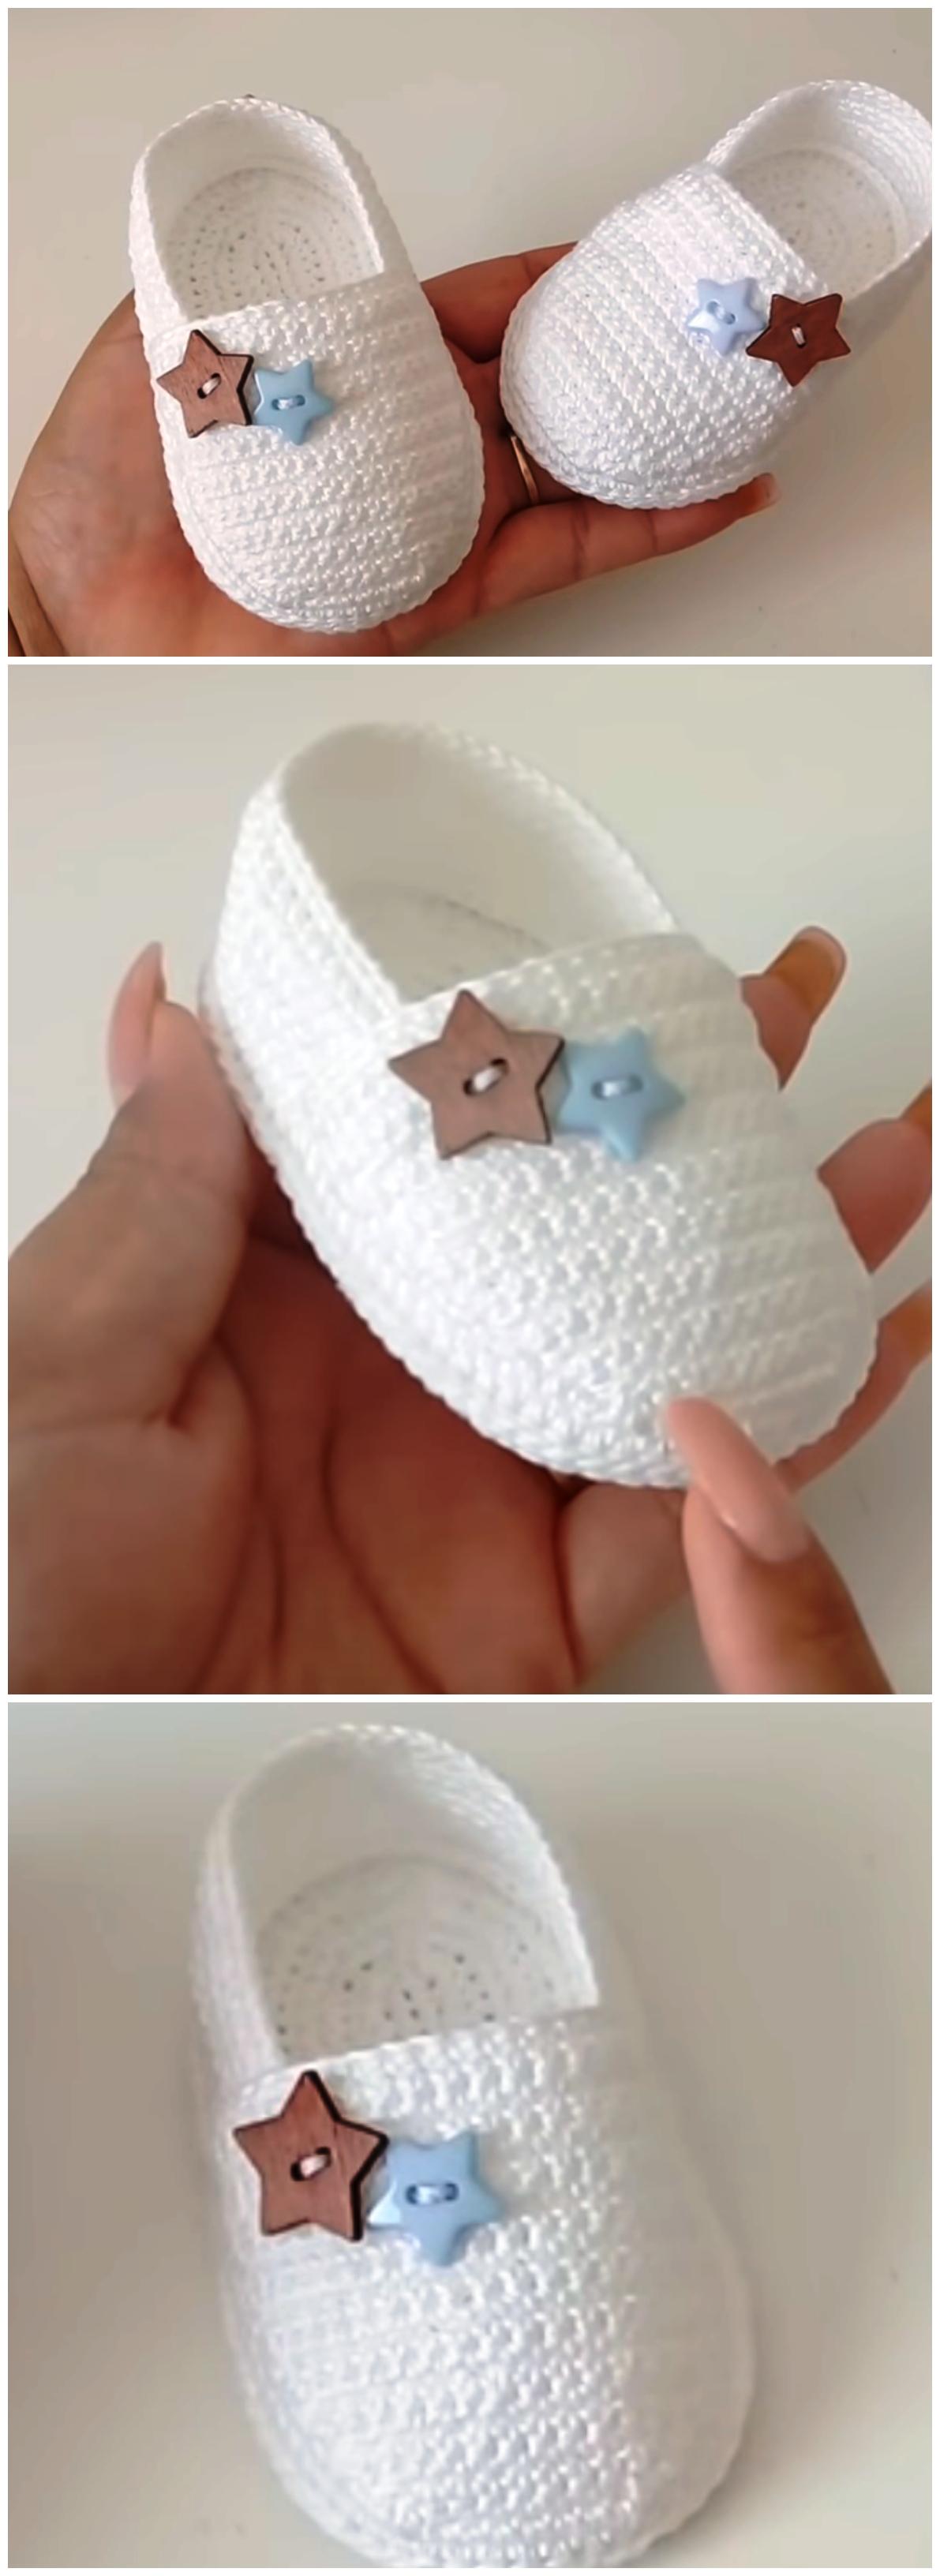 Crochet Baby Espadrilles - We Love Crochet